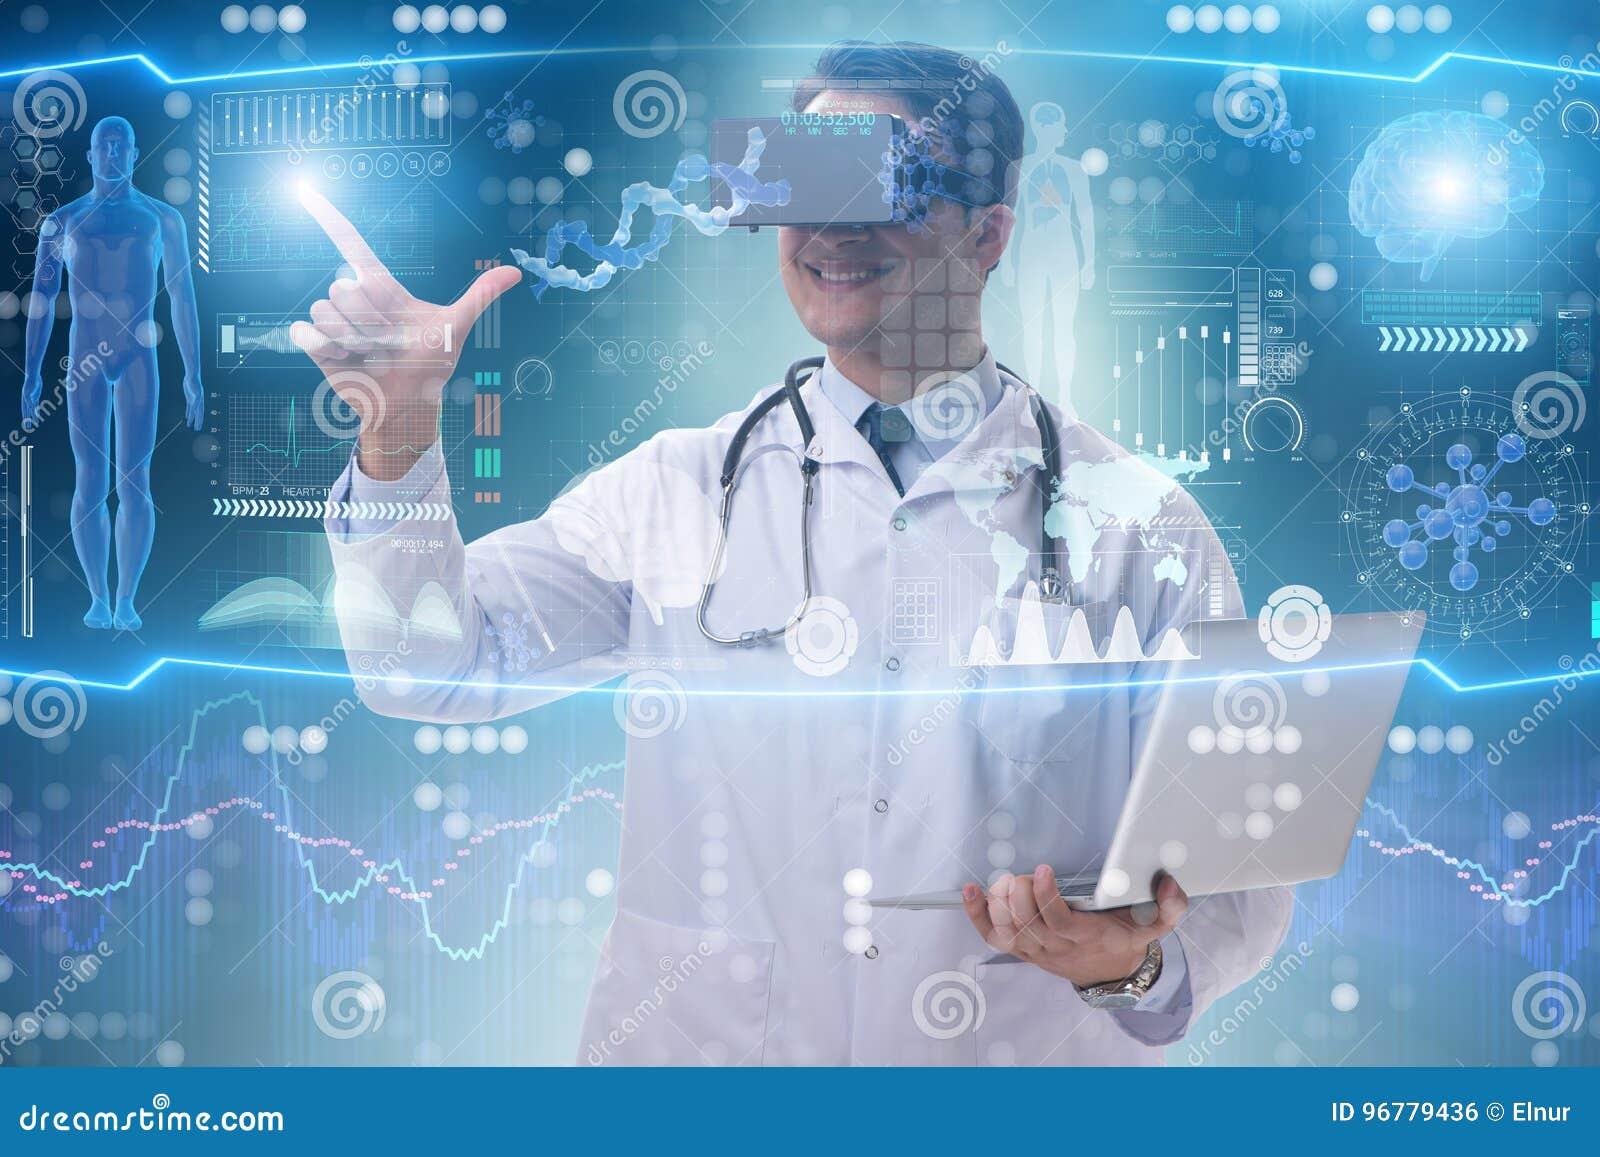 Telemedicinebegreppet med bärande vrexponeringsglas för doktor